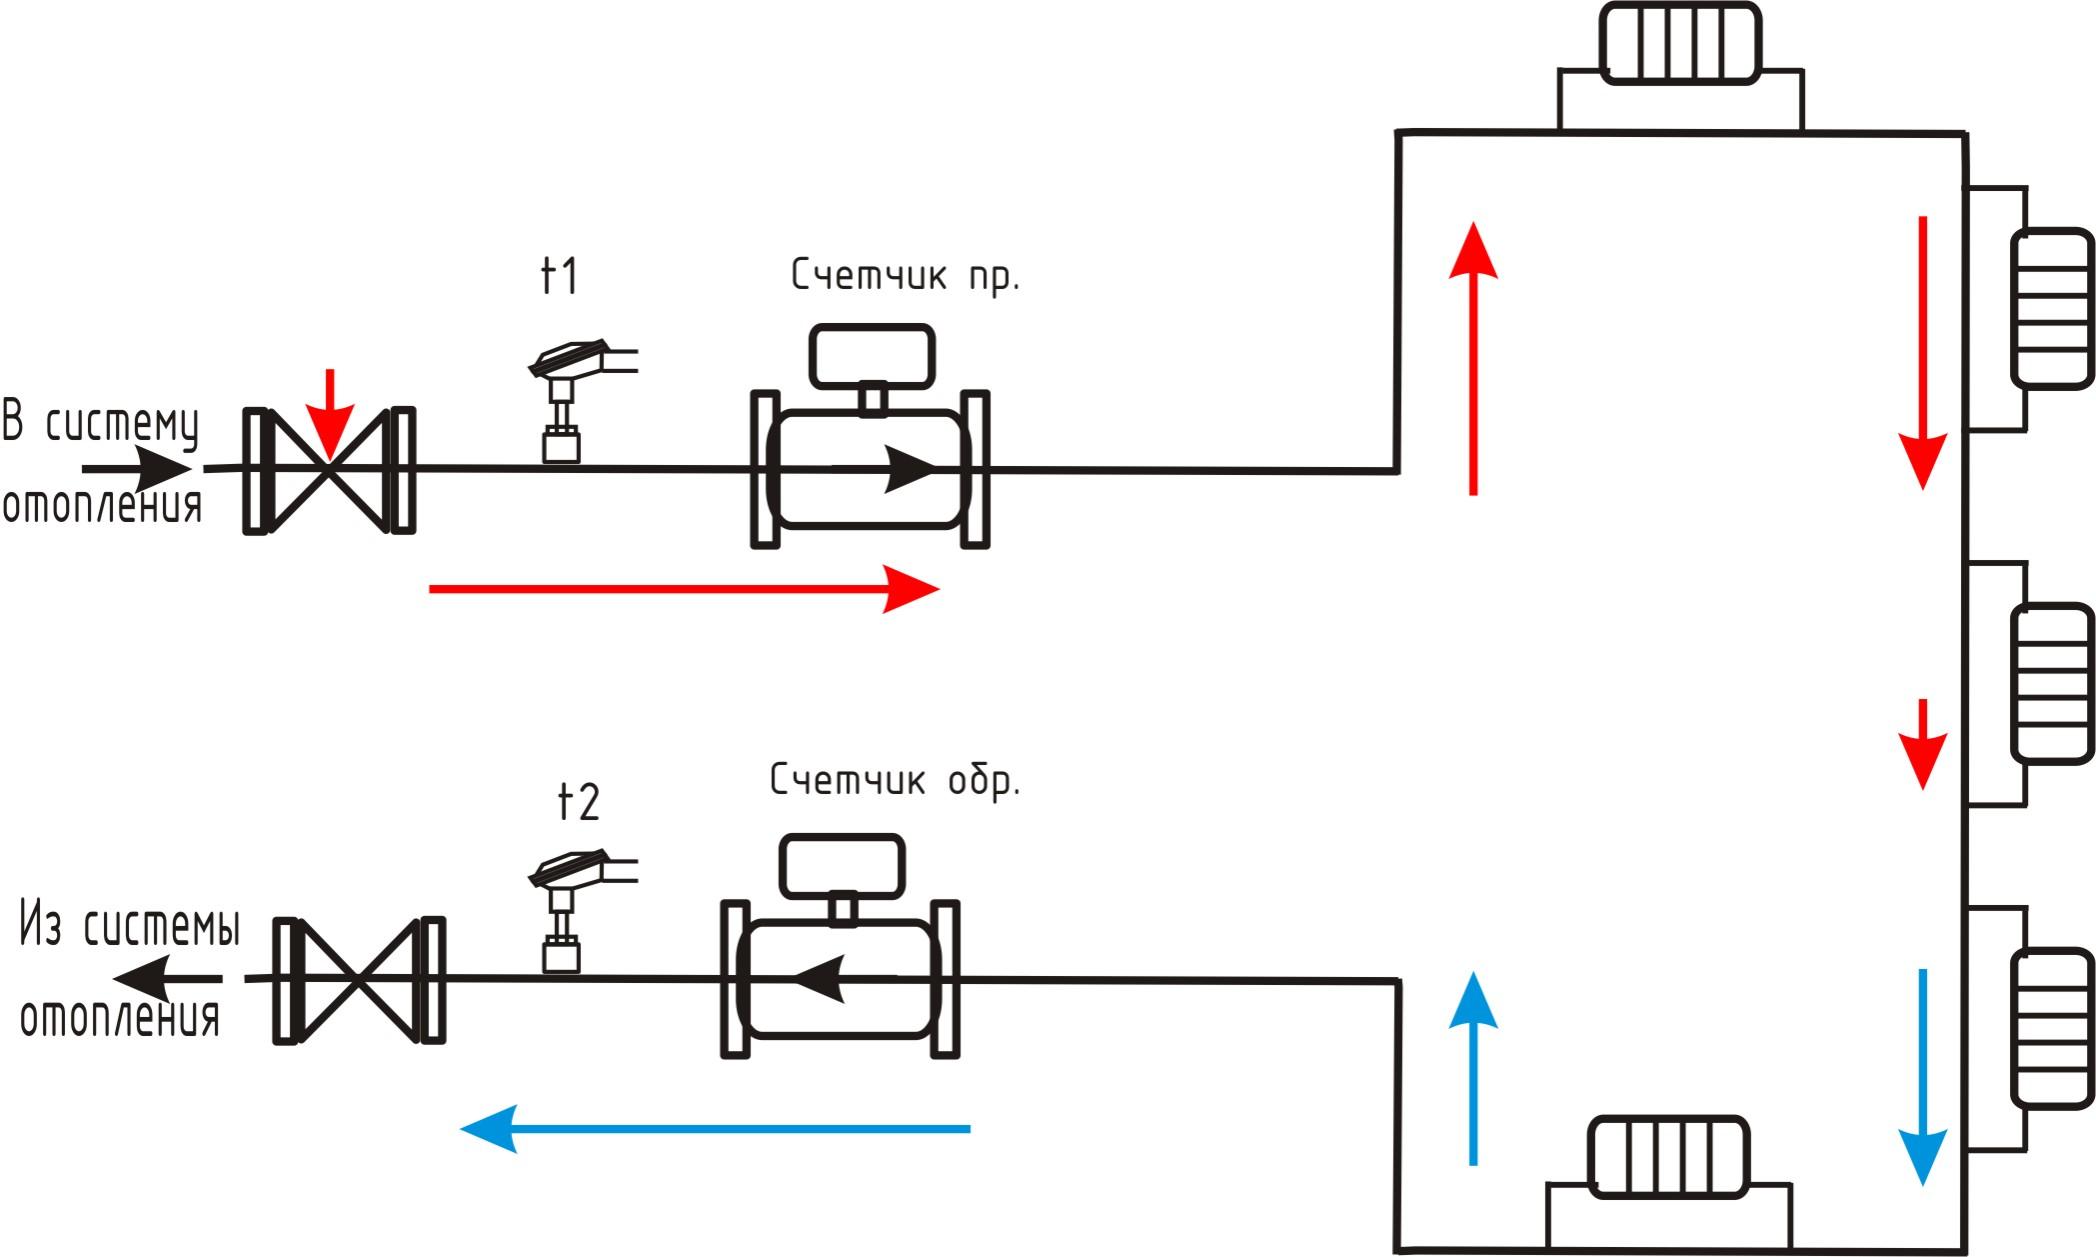 Тепловой счетчик схема установки